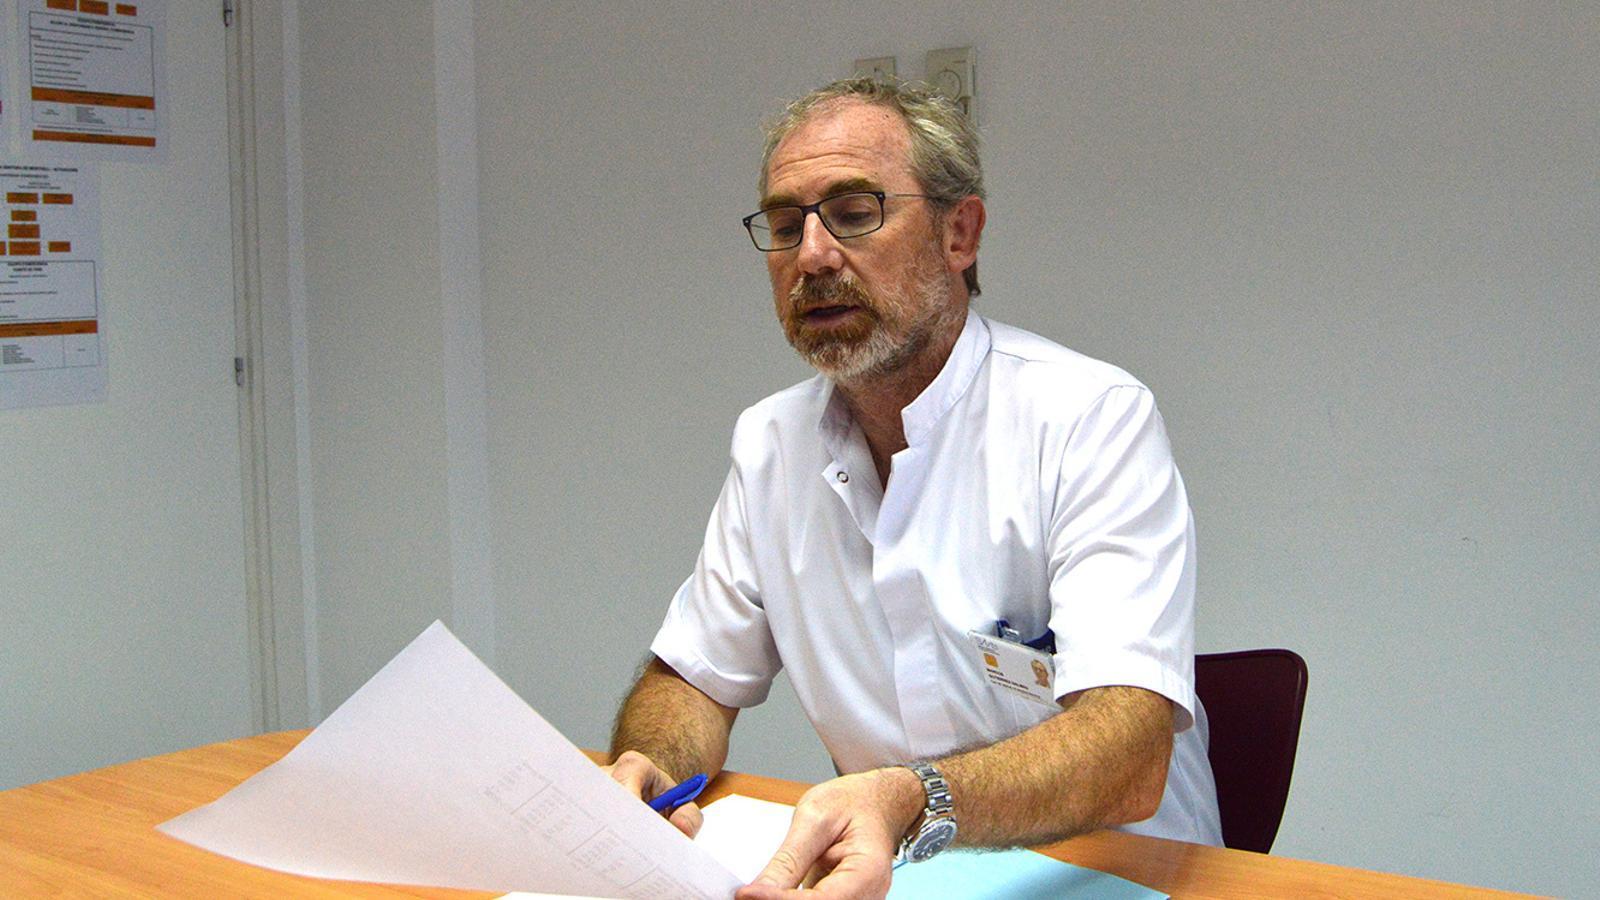 El cap d'Urgències, Marcos Gutiérrez. / M. F. (ANA)